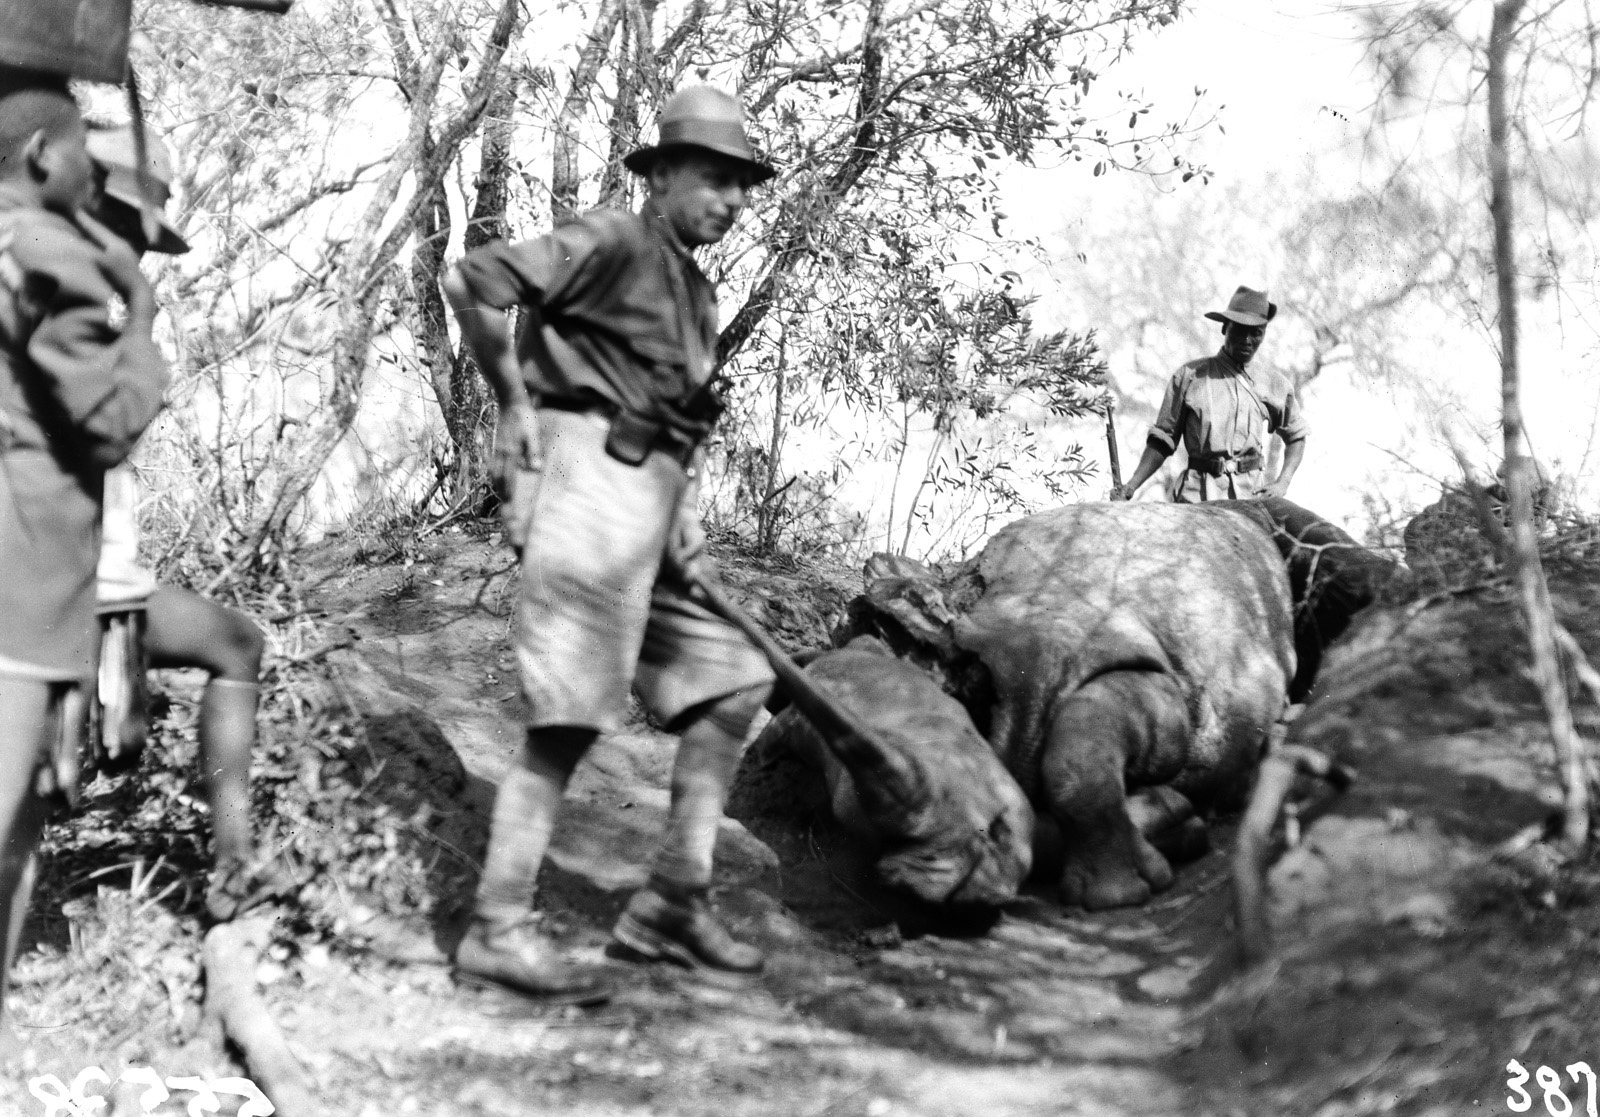 Квазулу-Наталь. Умфолози. Ханс Шомбургк рядом с мертвым носорогом